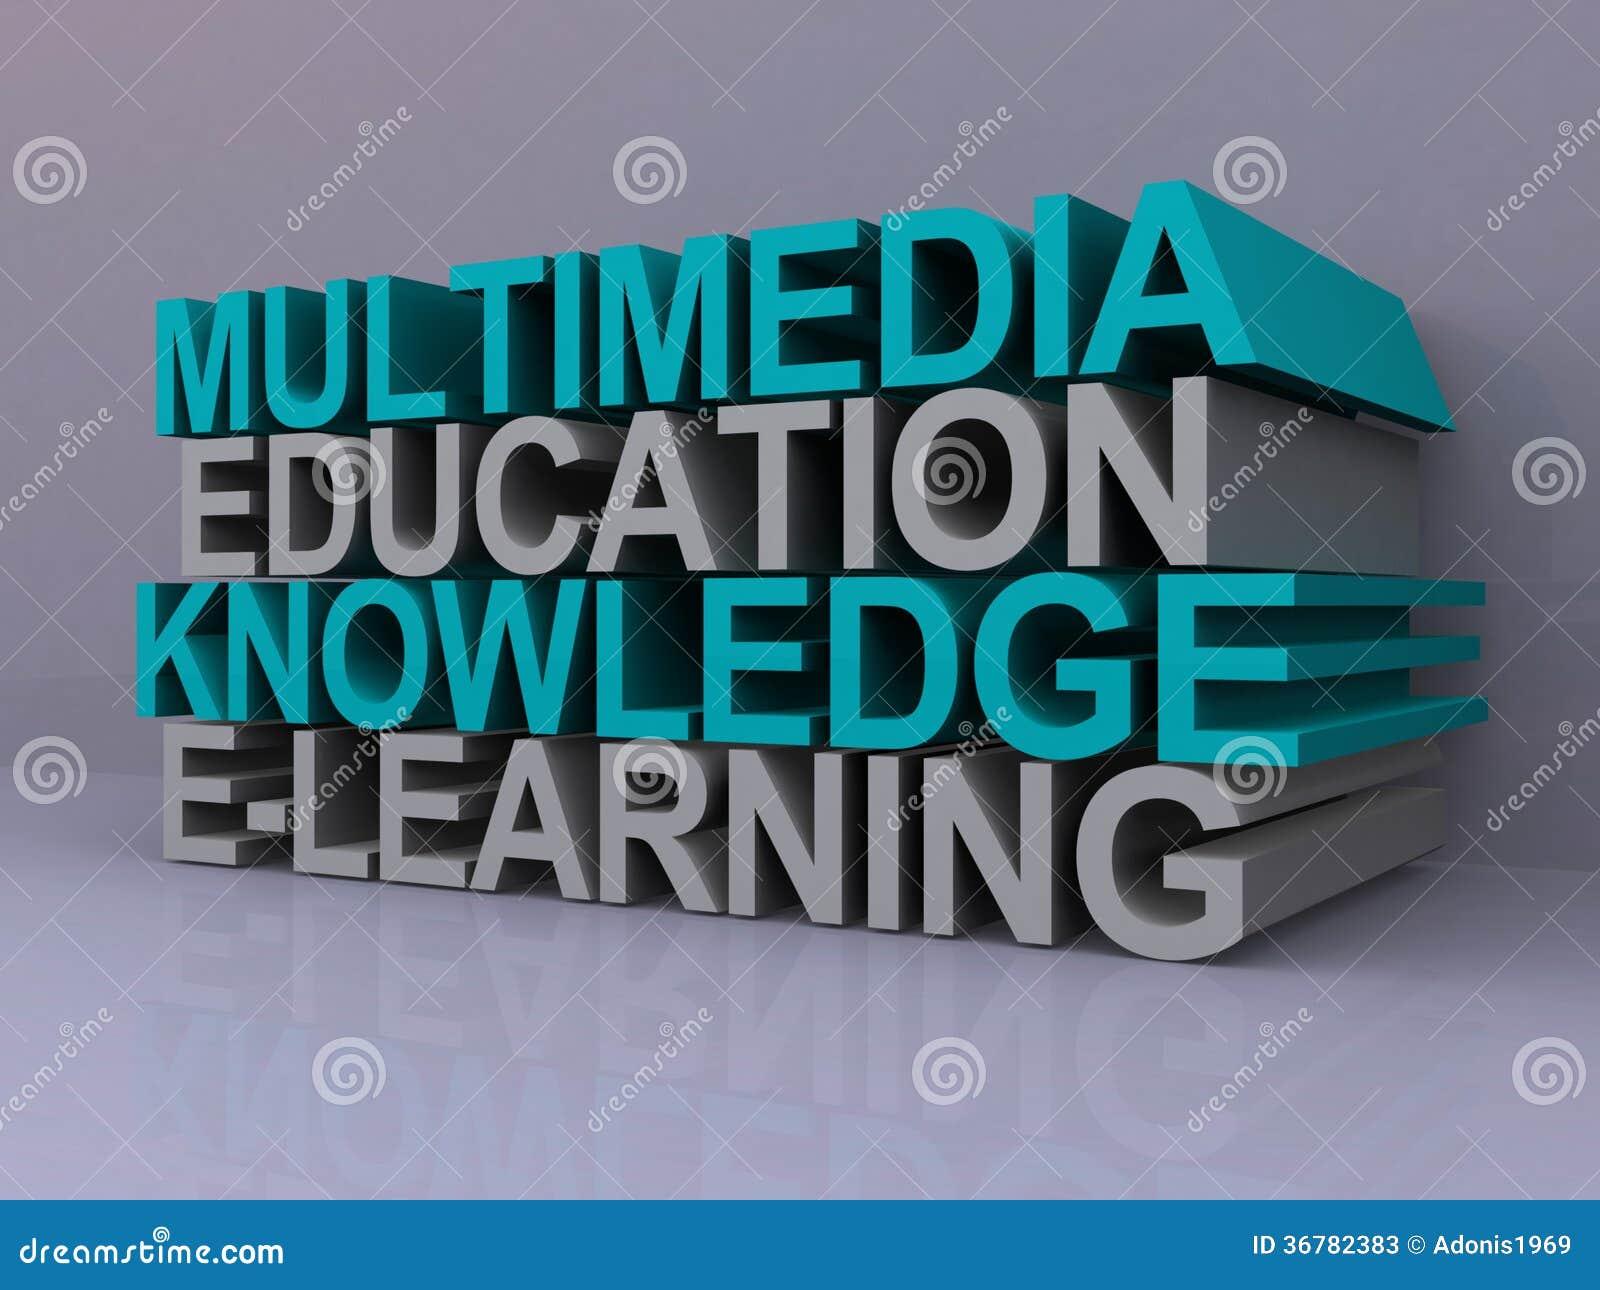 Multimedia Learning | eLearning Buzz